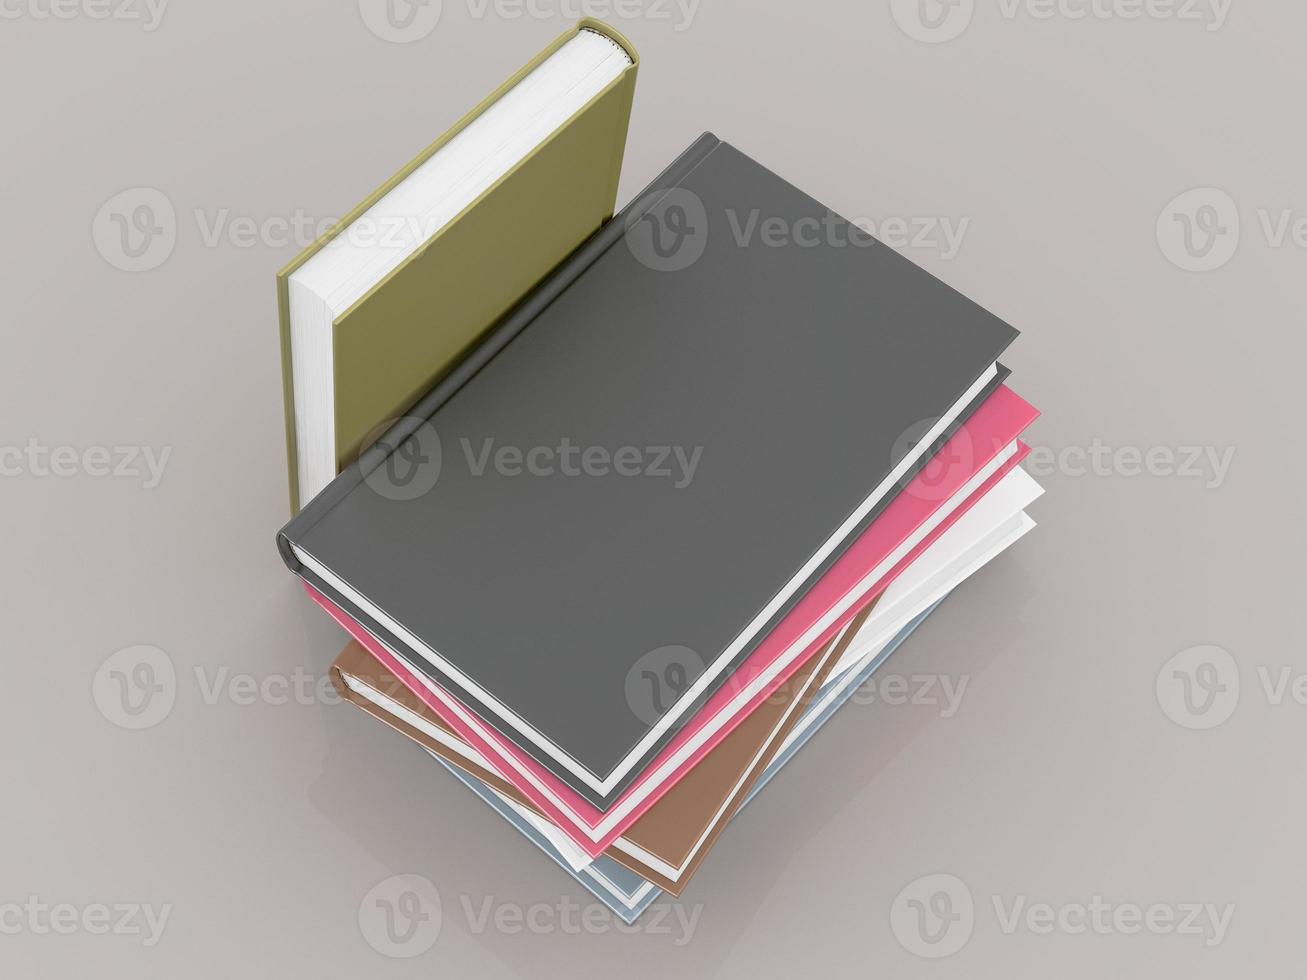 leere Farbbuchmodellvorlage auf grauem Hintergrund foto